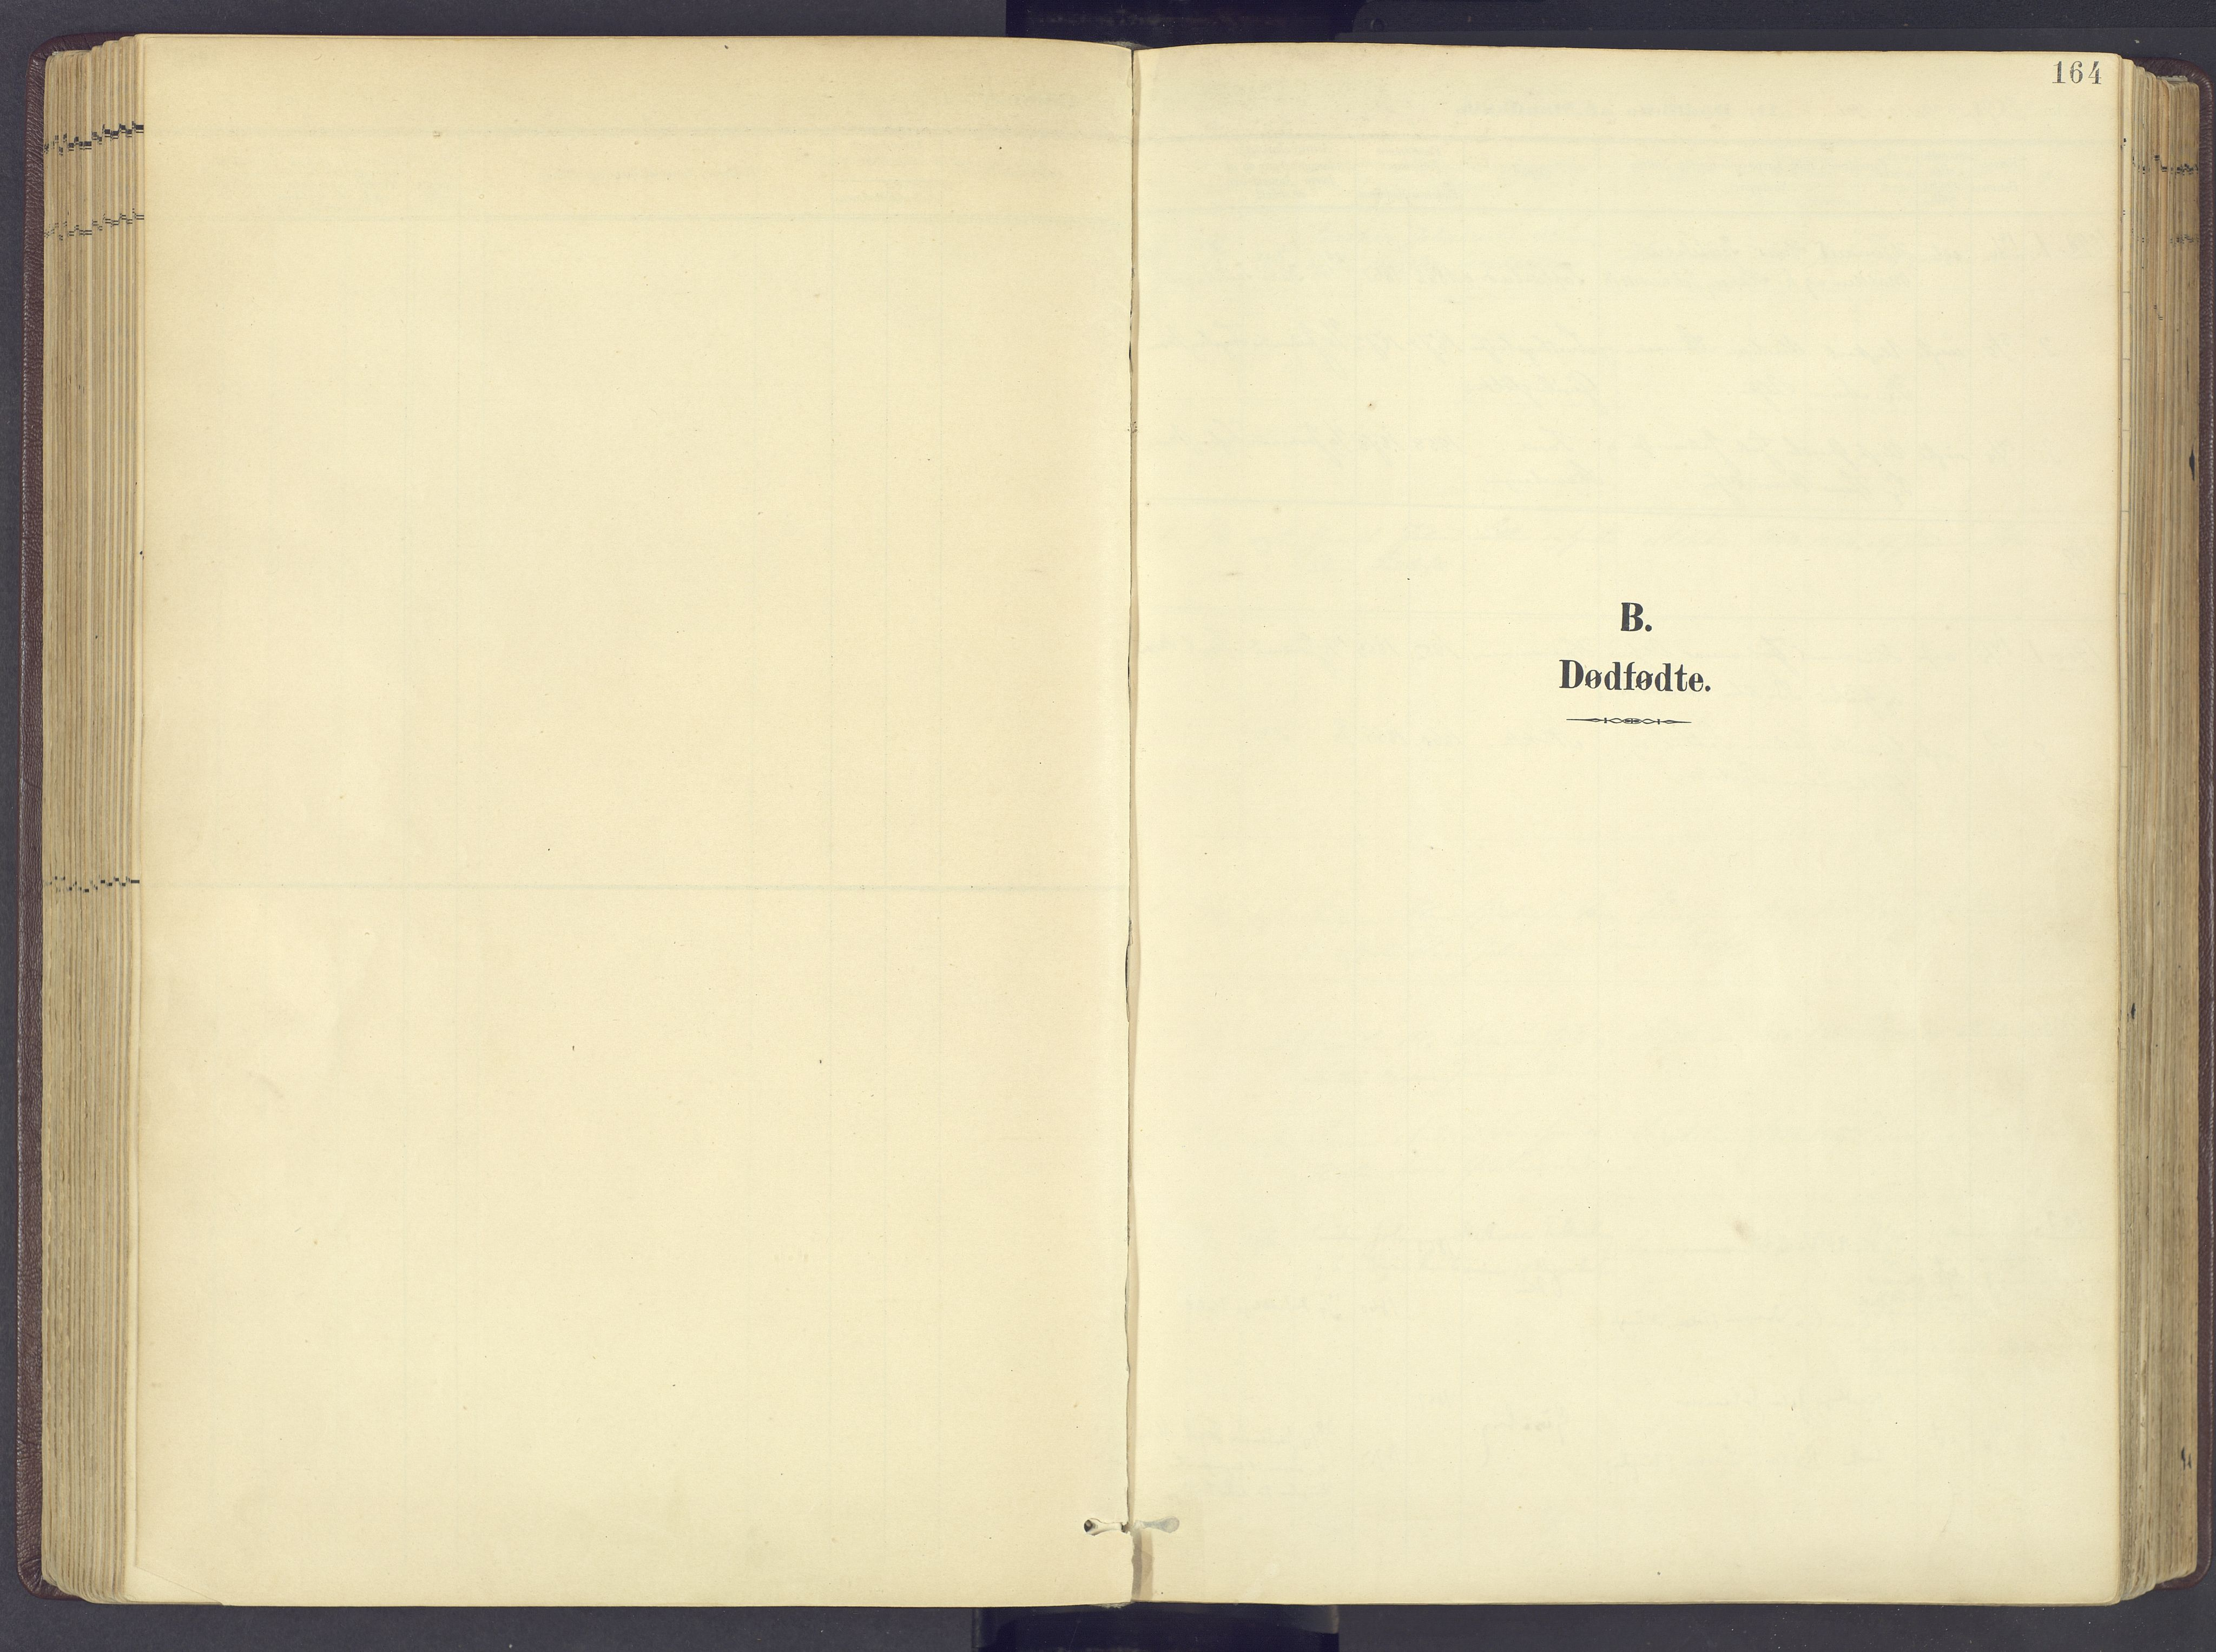 SAH, Sør-Fron prestekontor, H/Ha/Haa/L0004: Ministerialbok nr. 4, 1898-1919, s. 164